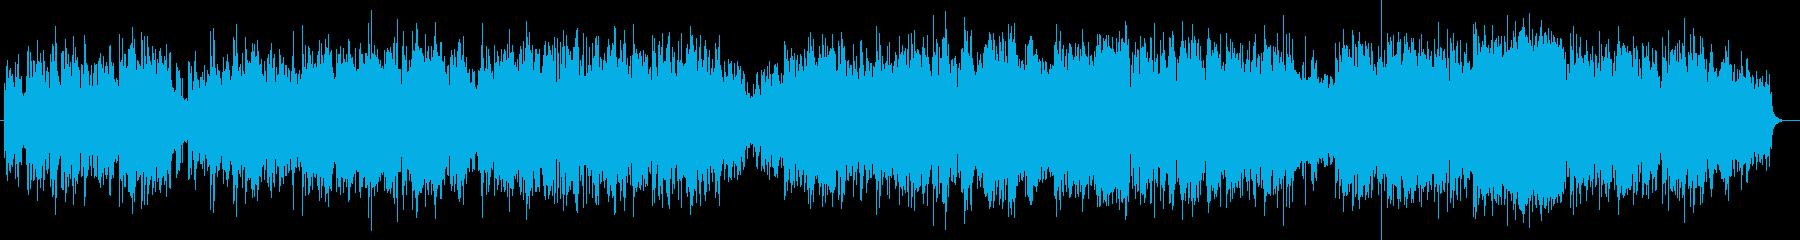 包み込まれるようなリラックスミュージックの再生済みの波形